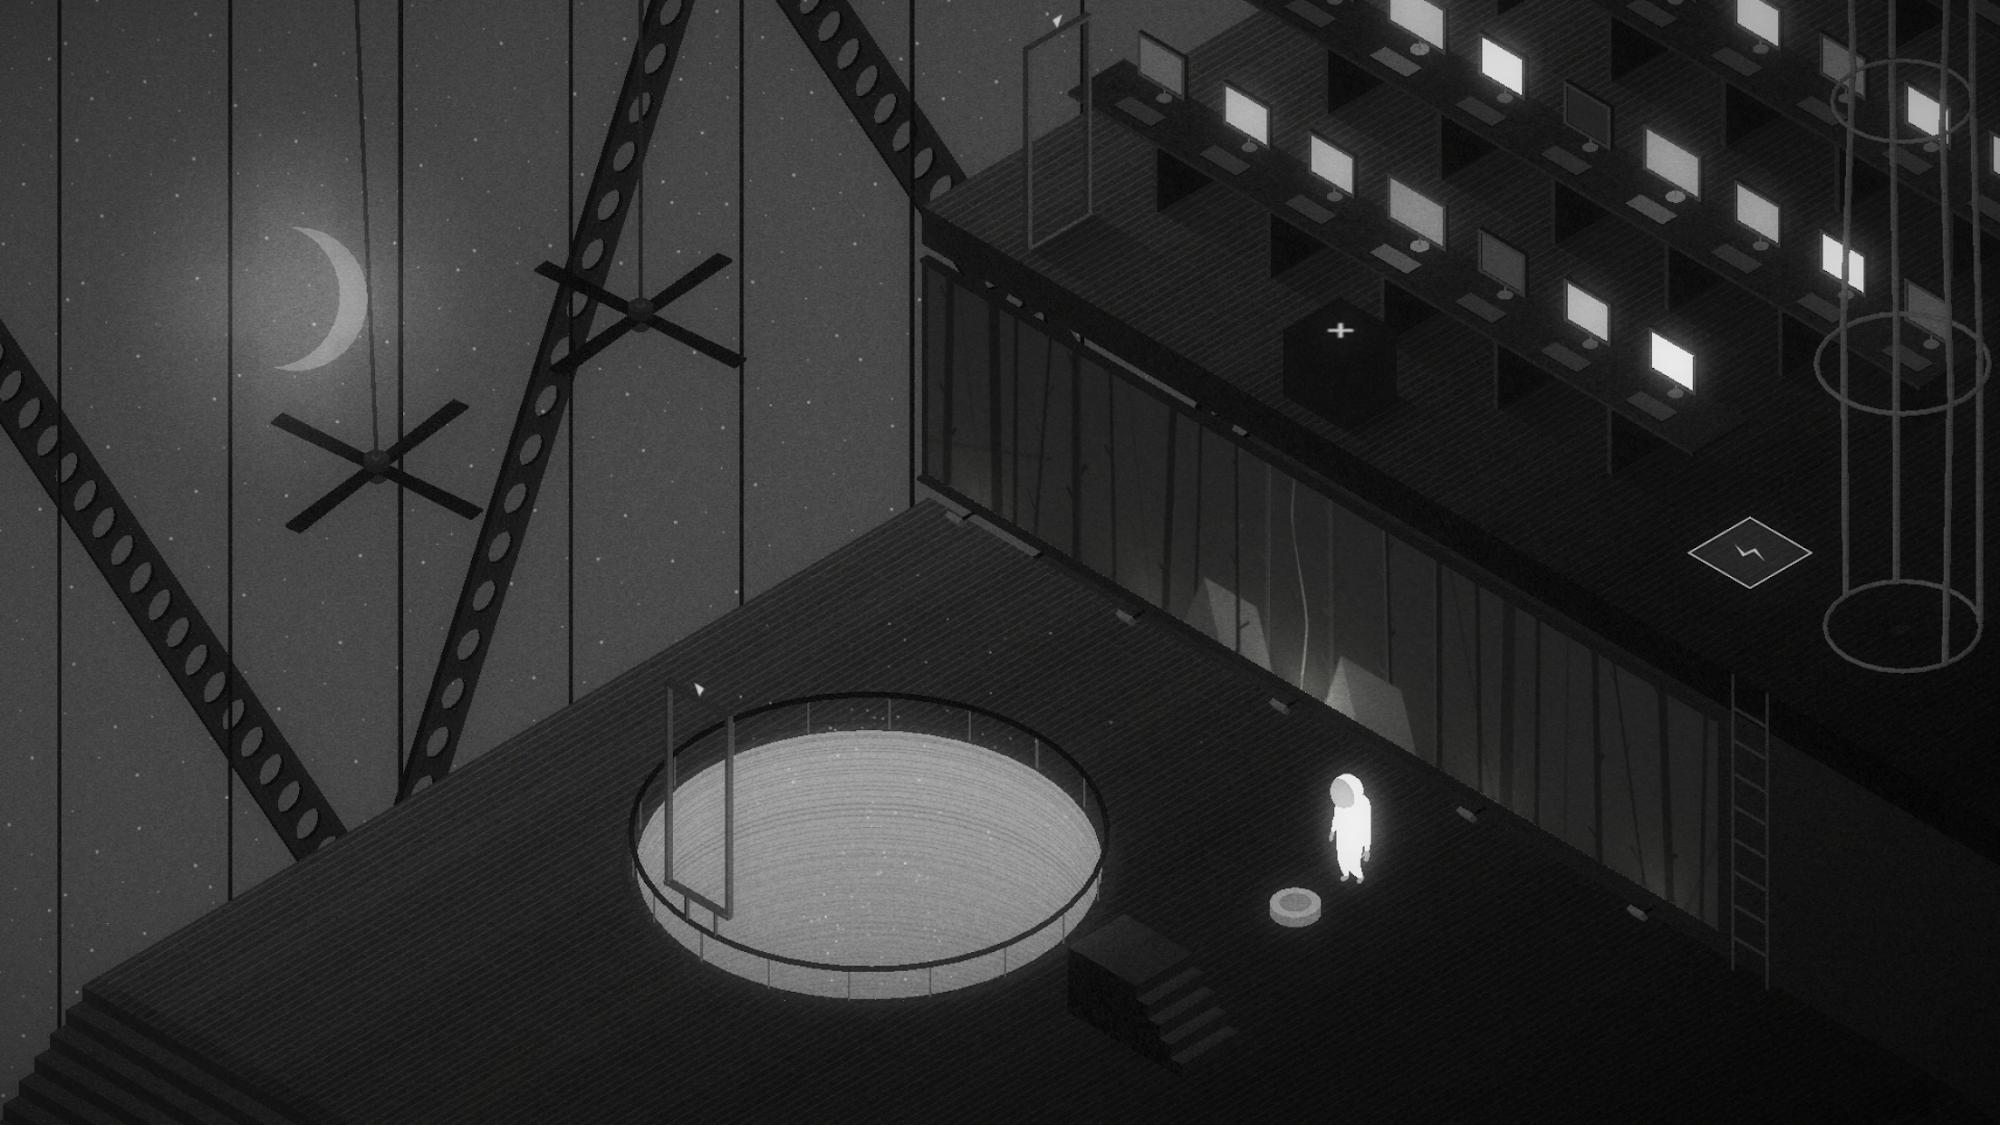 Starman captura de tela 1